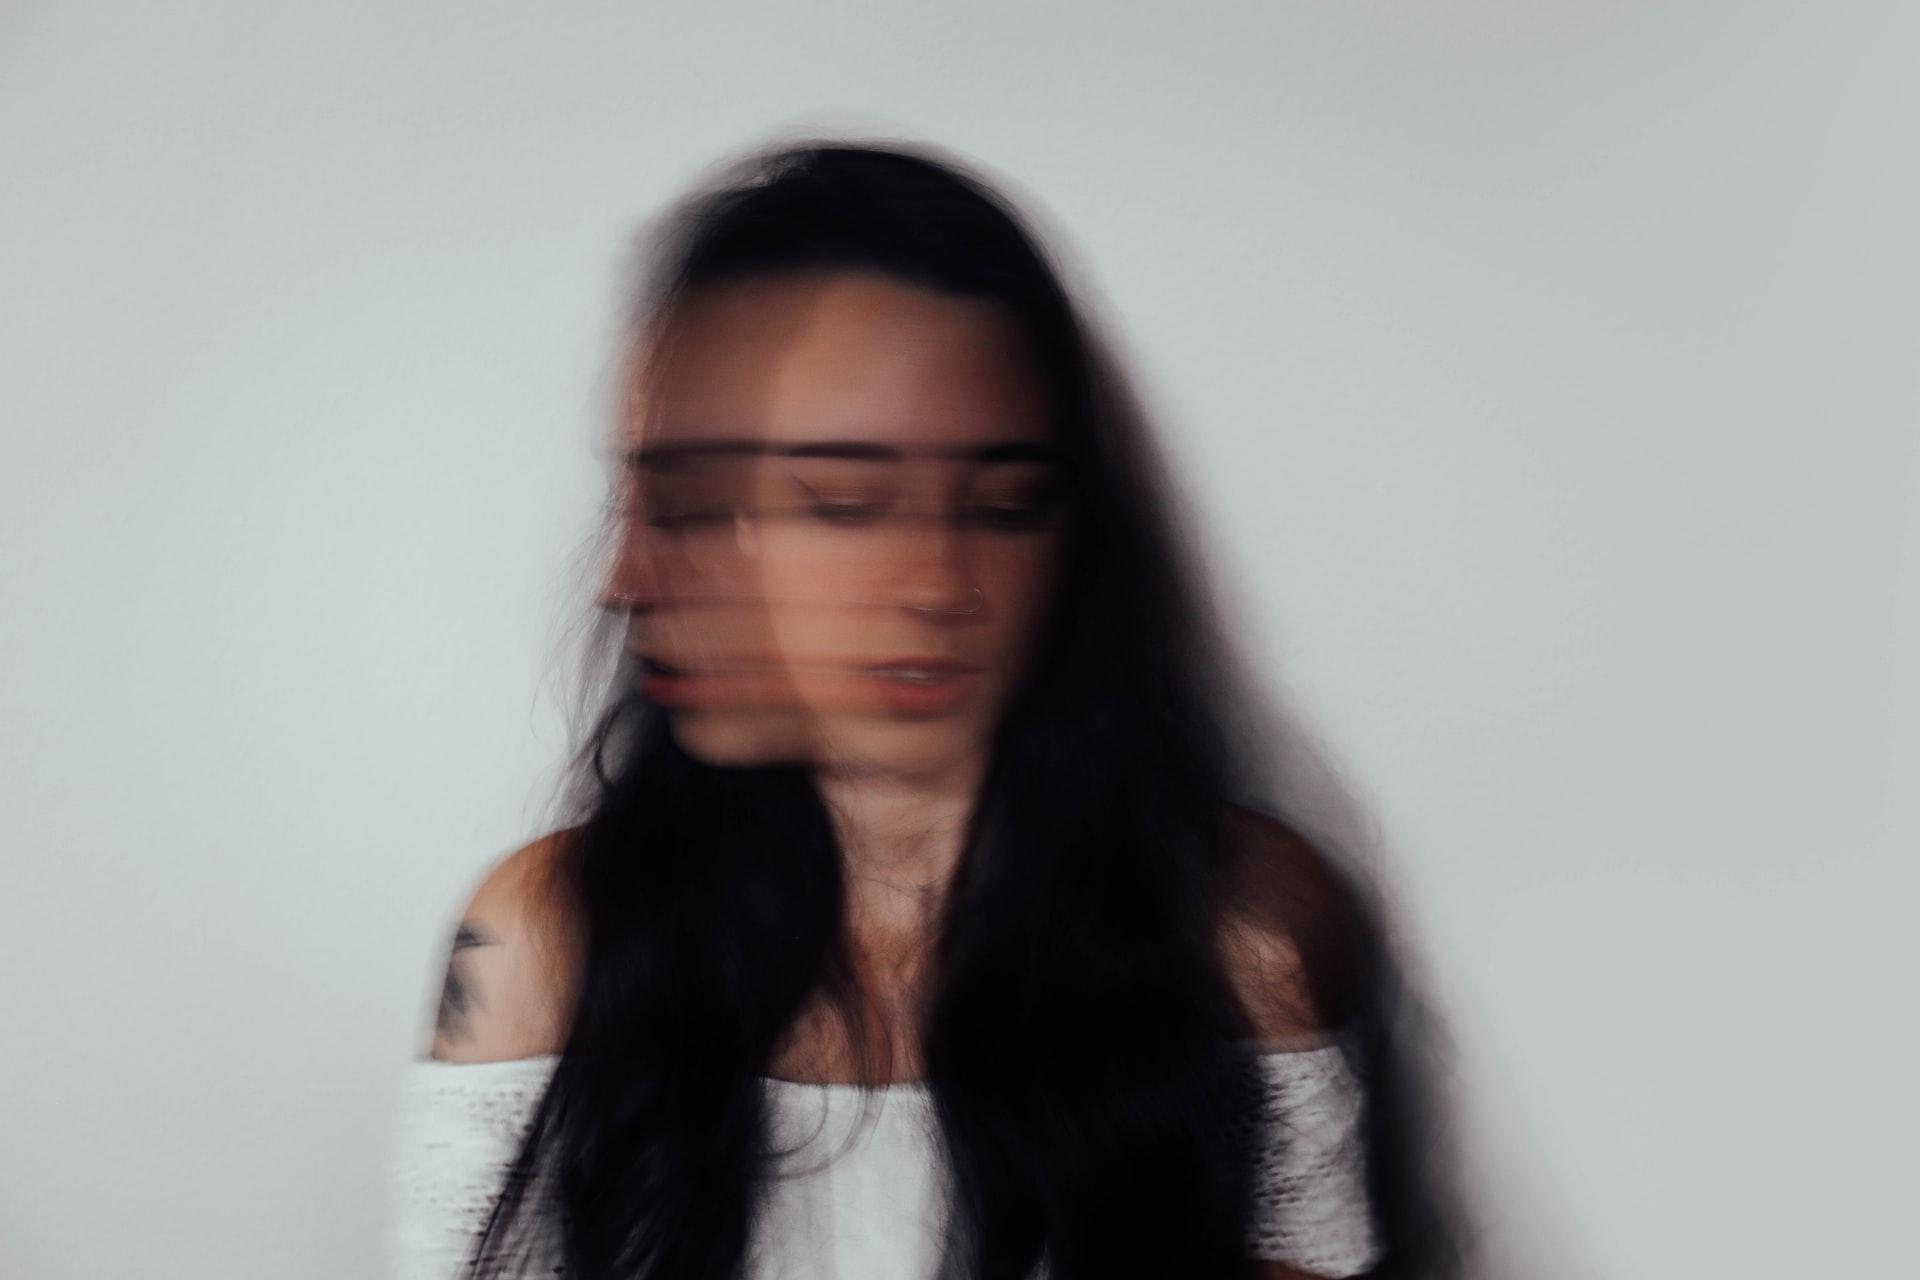 Ansiedad, ansiedad, consejos para la ansiedad,que hacer?, ansiedad sintomas,